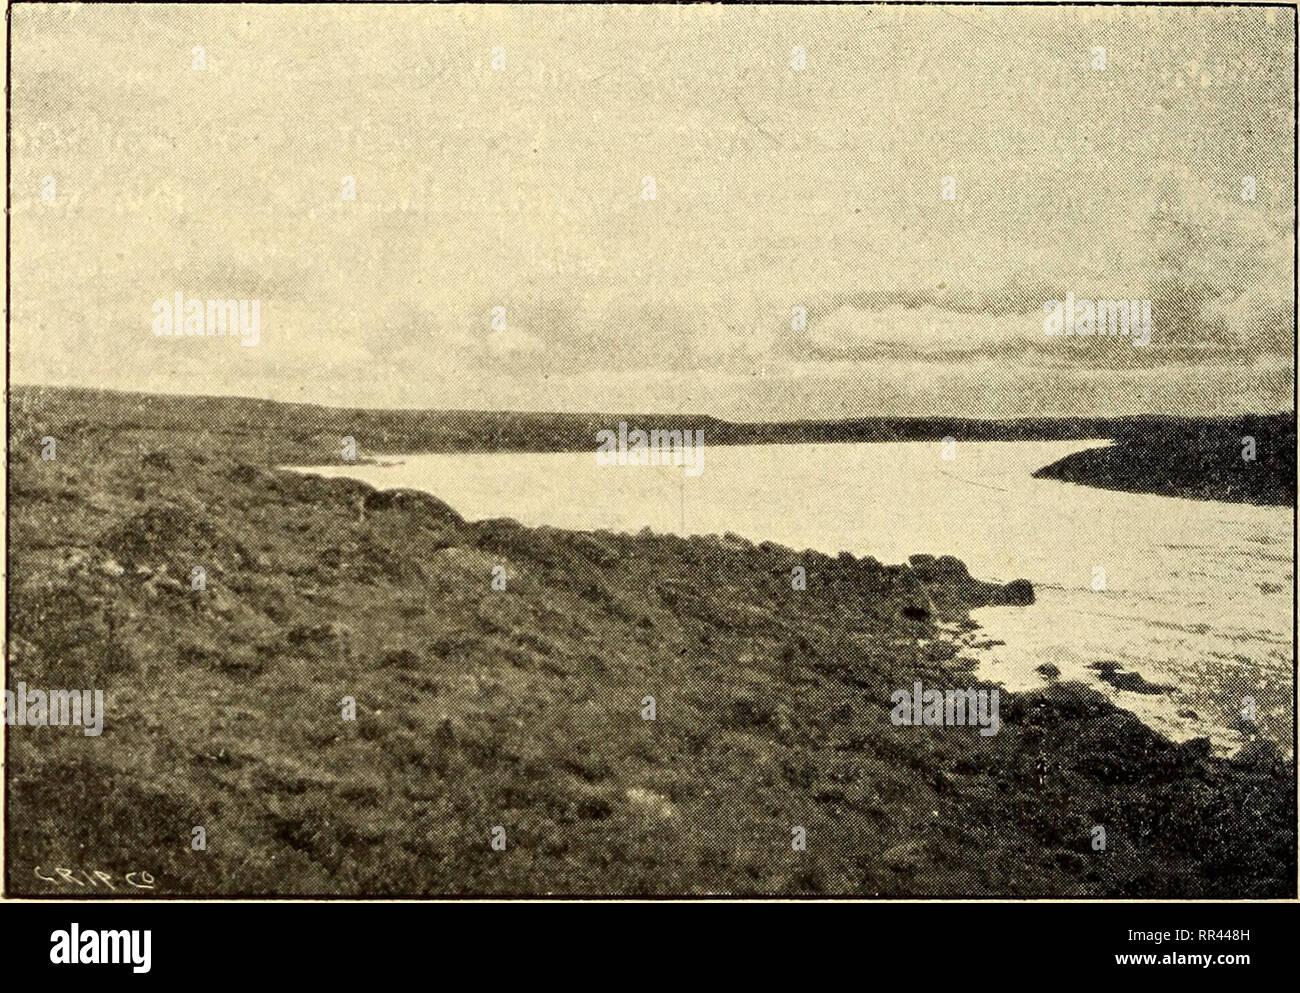 . A través de los sub-Artics de Canadá, un viaje de 3.200 millas por canoa y zapata de nieve a través de las tierras áridas, incluida una lista de plantas recogidas en la expedición, un vocabulario de palabras Esquimal, un mapa de ruta y full clasificados index. La botánica; lenguas esquimal. 82 A TRAVÉS DE LOS SUB-ARCTICS bahías de Canadá, la entrada al amplio río Telzoa (superficial) fue descubierto. Sin duda fue una gran, amplia y el río rápido, dividido en muchos canales superficiales, cuyas aguas parecen haber sido, por así decirlo, derramado por el borde del lago en los últimos lugares. Este fue el río habíamos definido por explorar, una Foto de stock